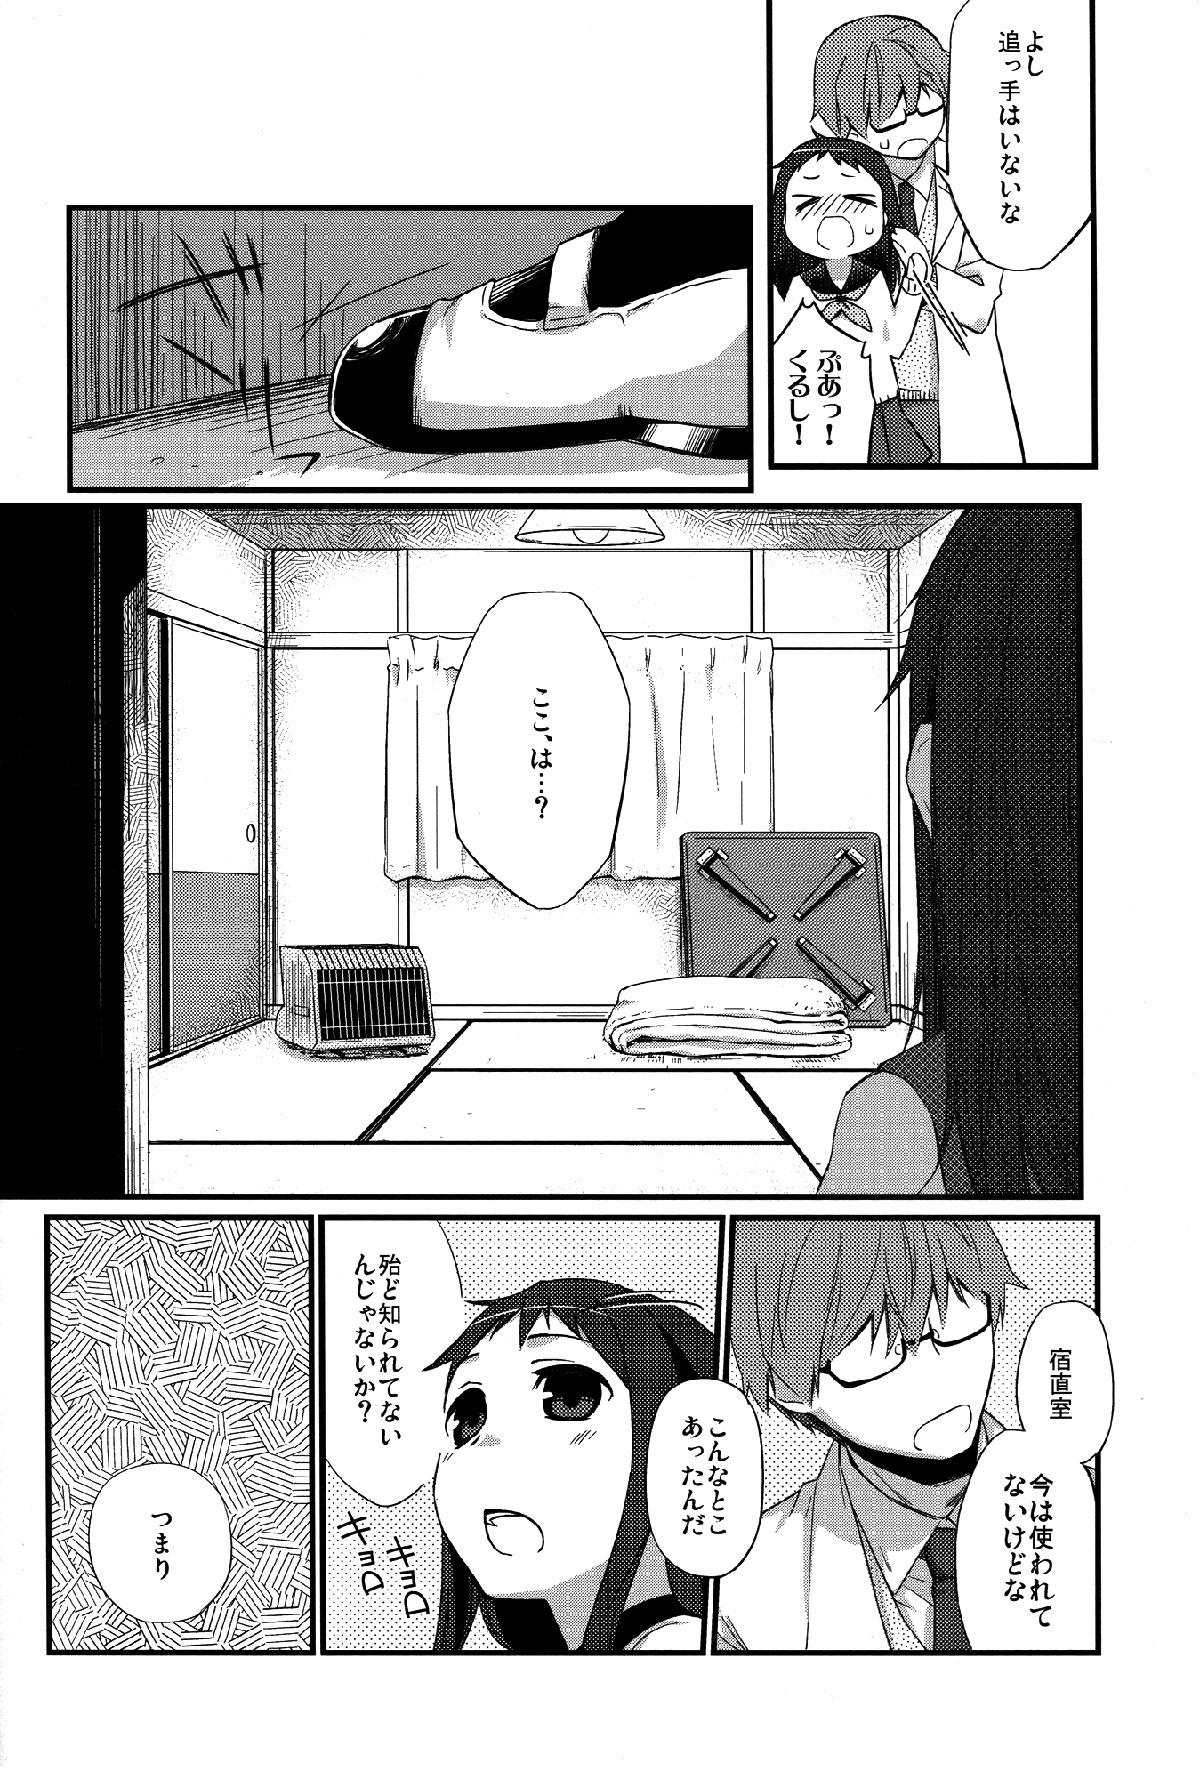 周りに内緒で先生と付き合っている黒髪ロングのJKwww宿直室でいちゃらぶセックスwww【エロ漫画・エロ同人】 (9)